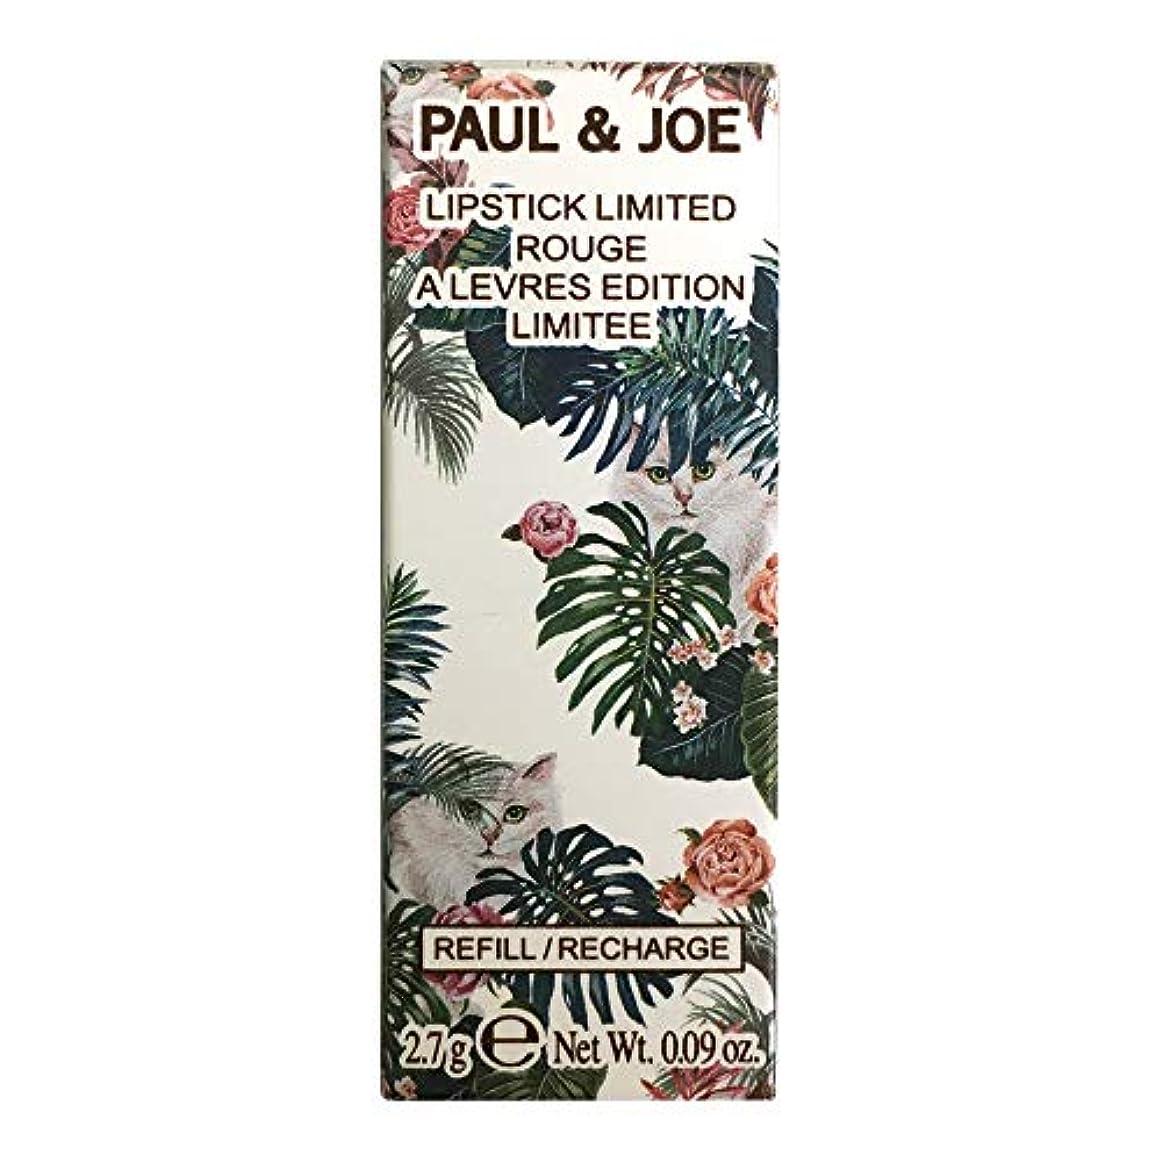 ポール & ジョー/PAUL & JOE リップスティック リミテッド #005(レフィル) (限定) [ 口紅 ] [並行輸入品]